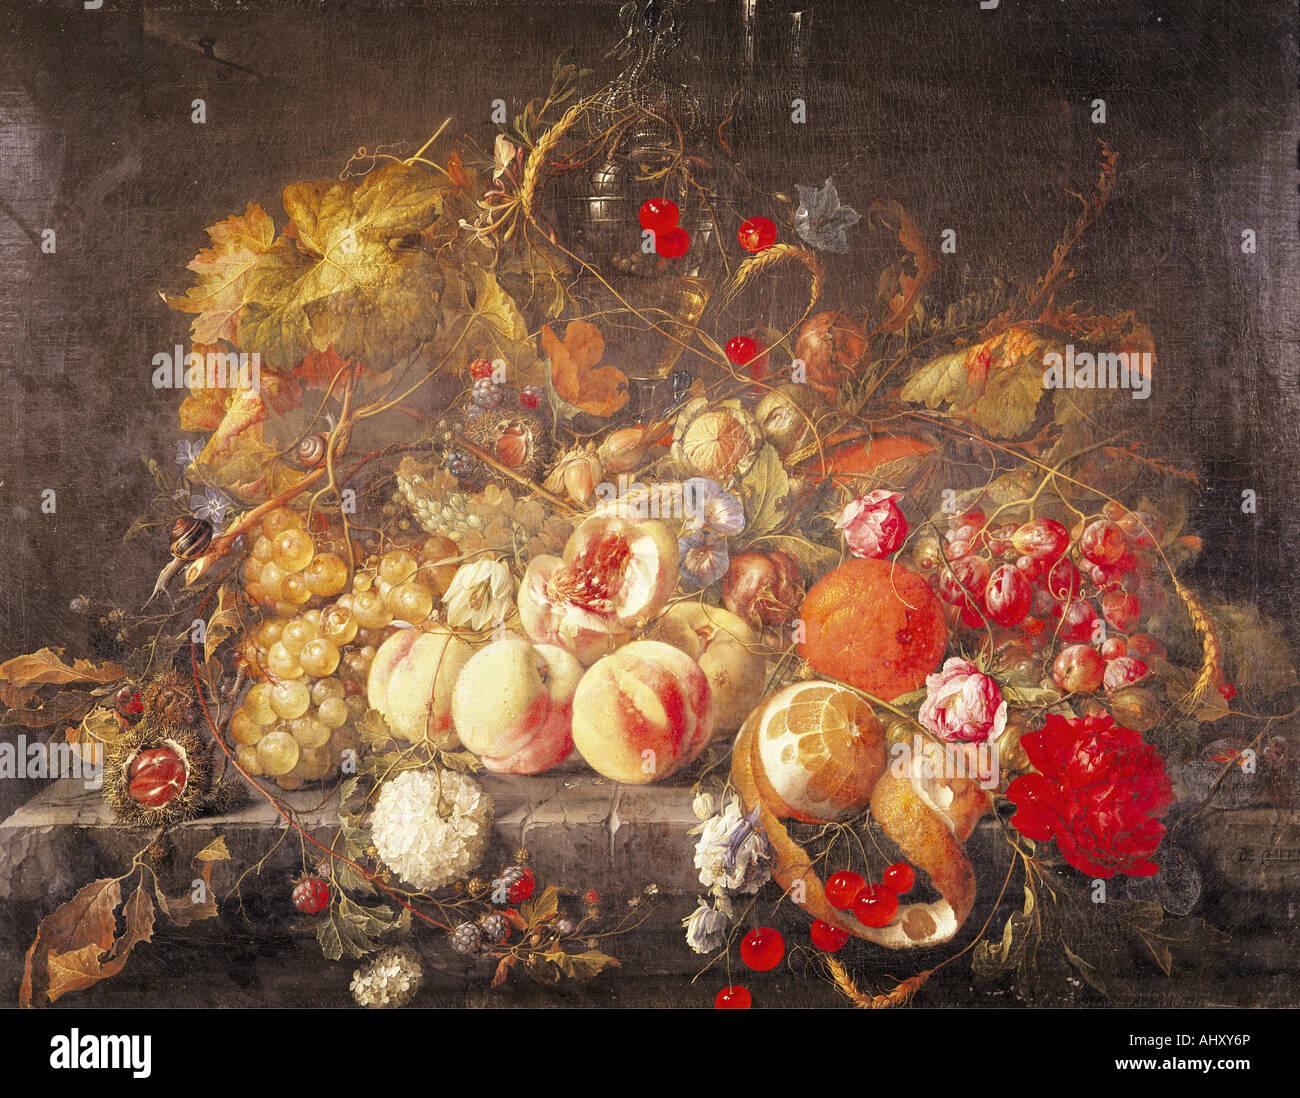 'Fine Arts, Heem, Jan Davidsz de, (1606 - 1684), peinture, 'Still life', huile sur panneau, 55,8 cm Photo Stock